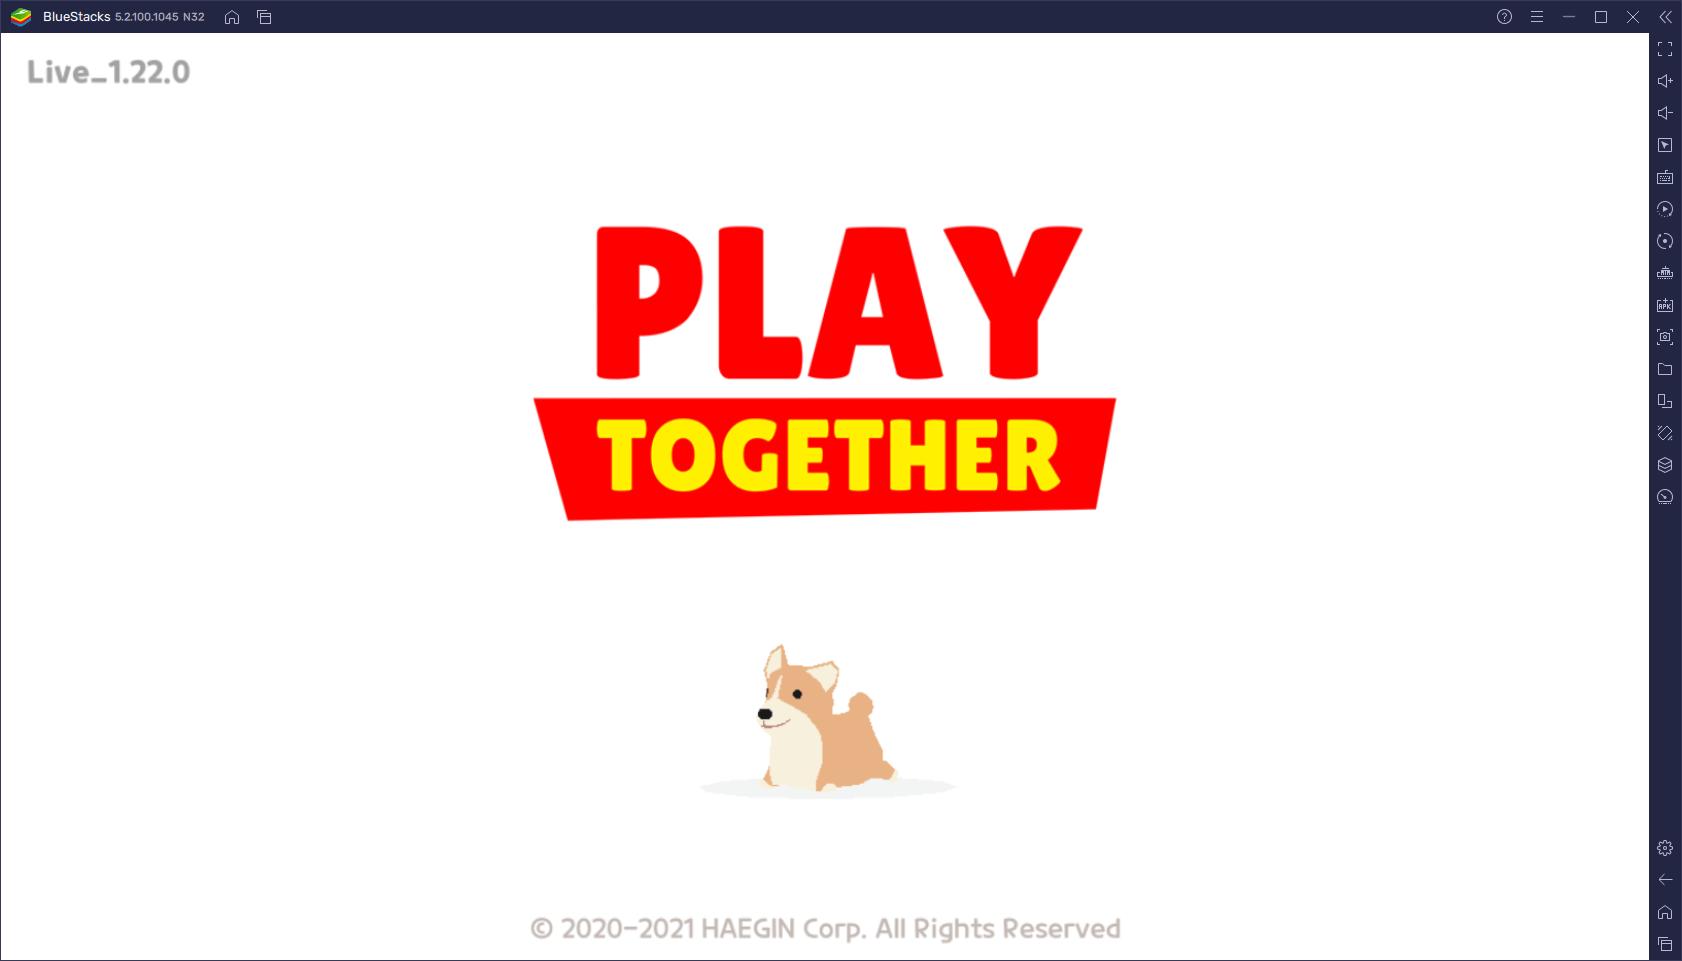 Les Meilleurs Conseils pour Bien Débuter dans Play Together